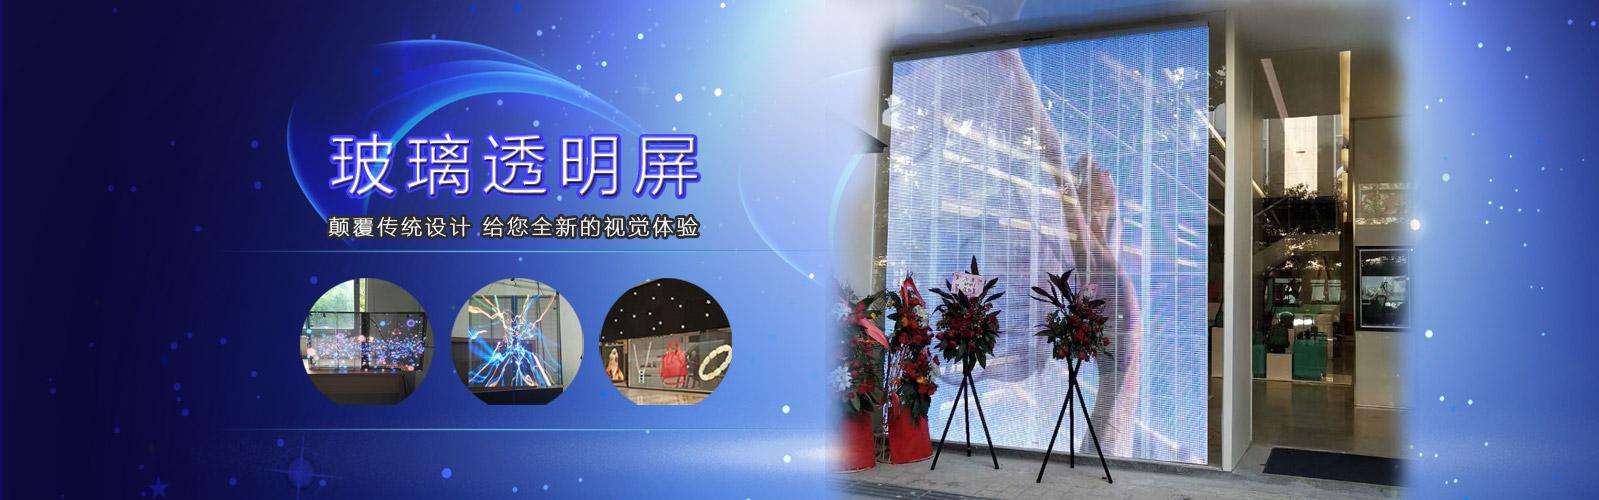 深圳市锐视全彩科技有限公司